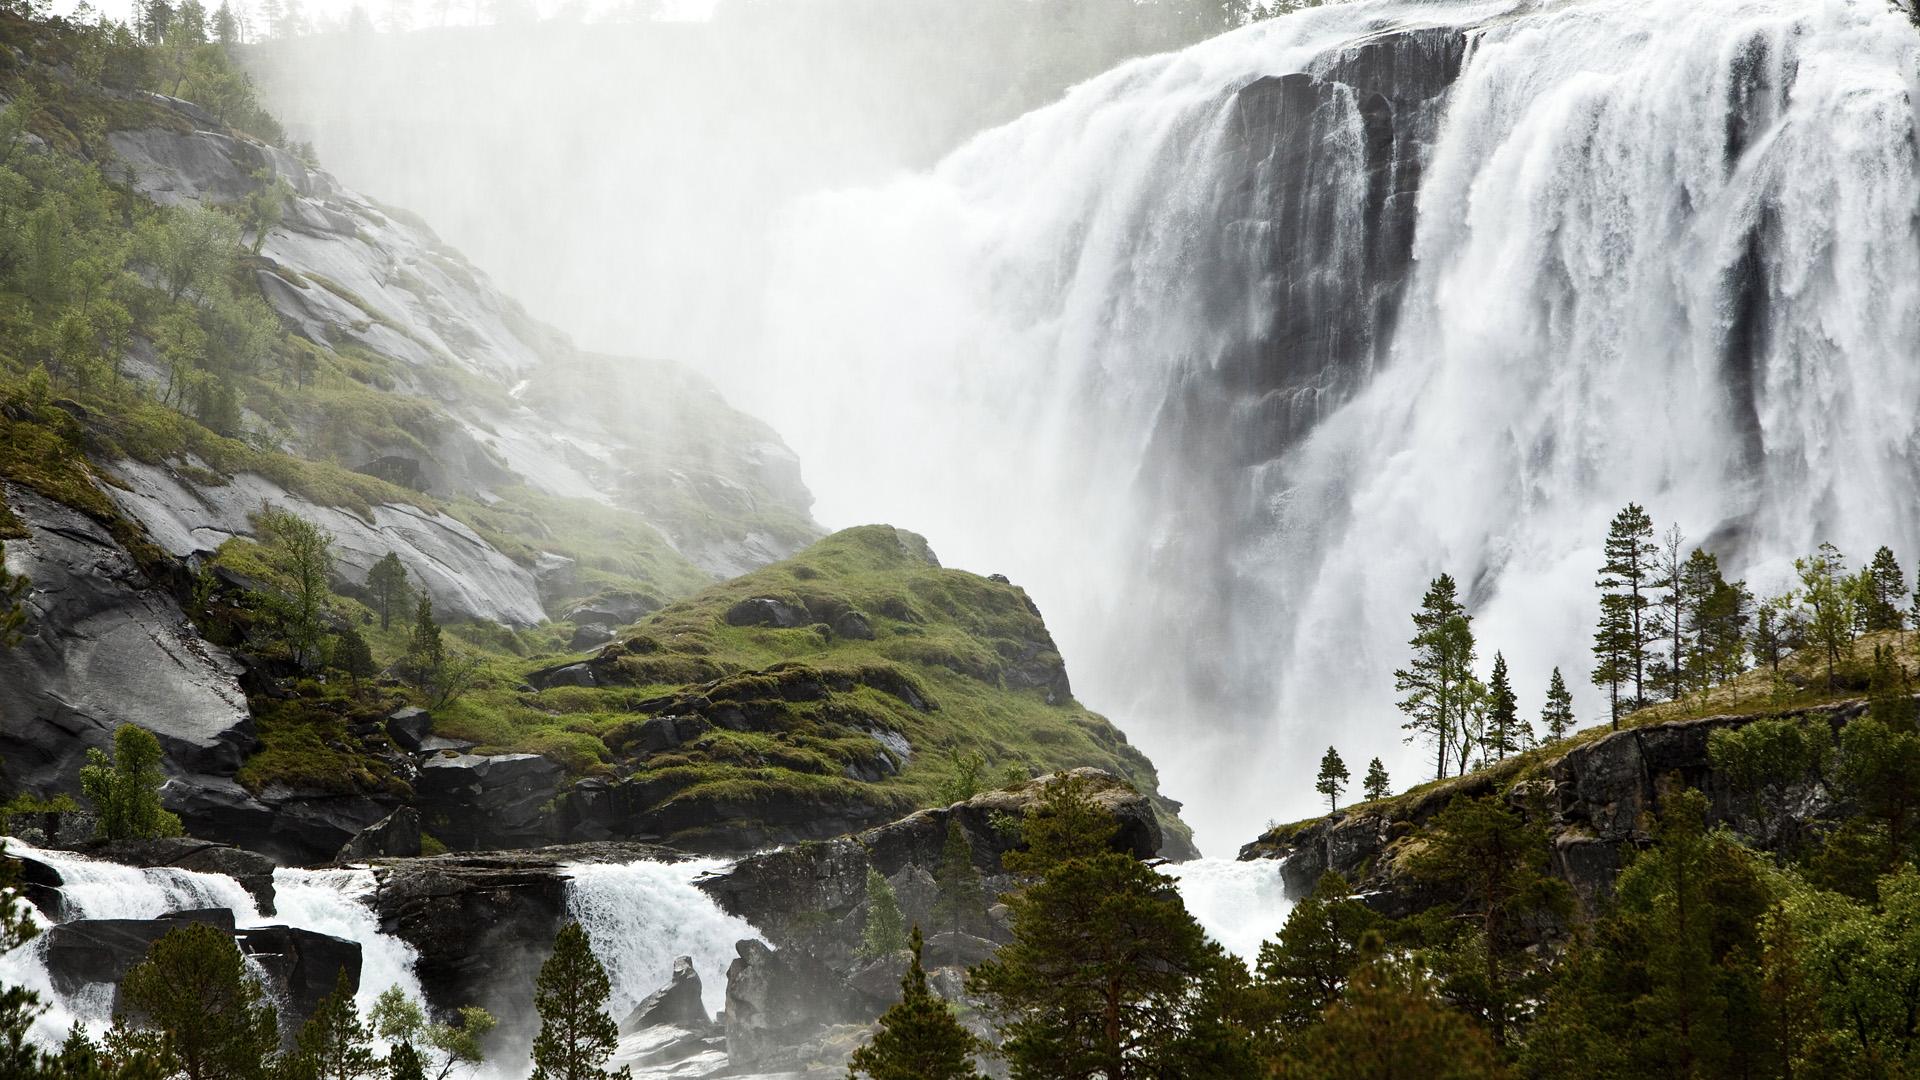 картинка на рабочий стол горы с водопадом цвет был моде